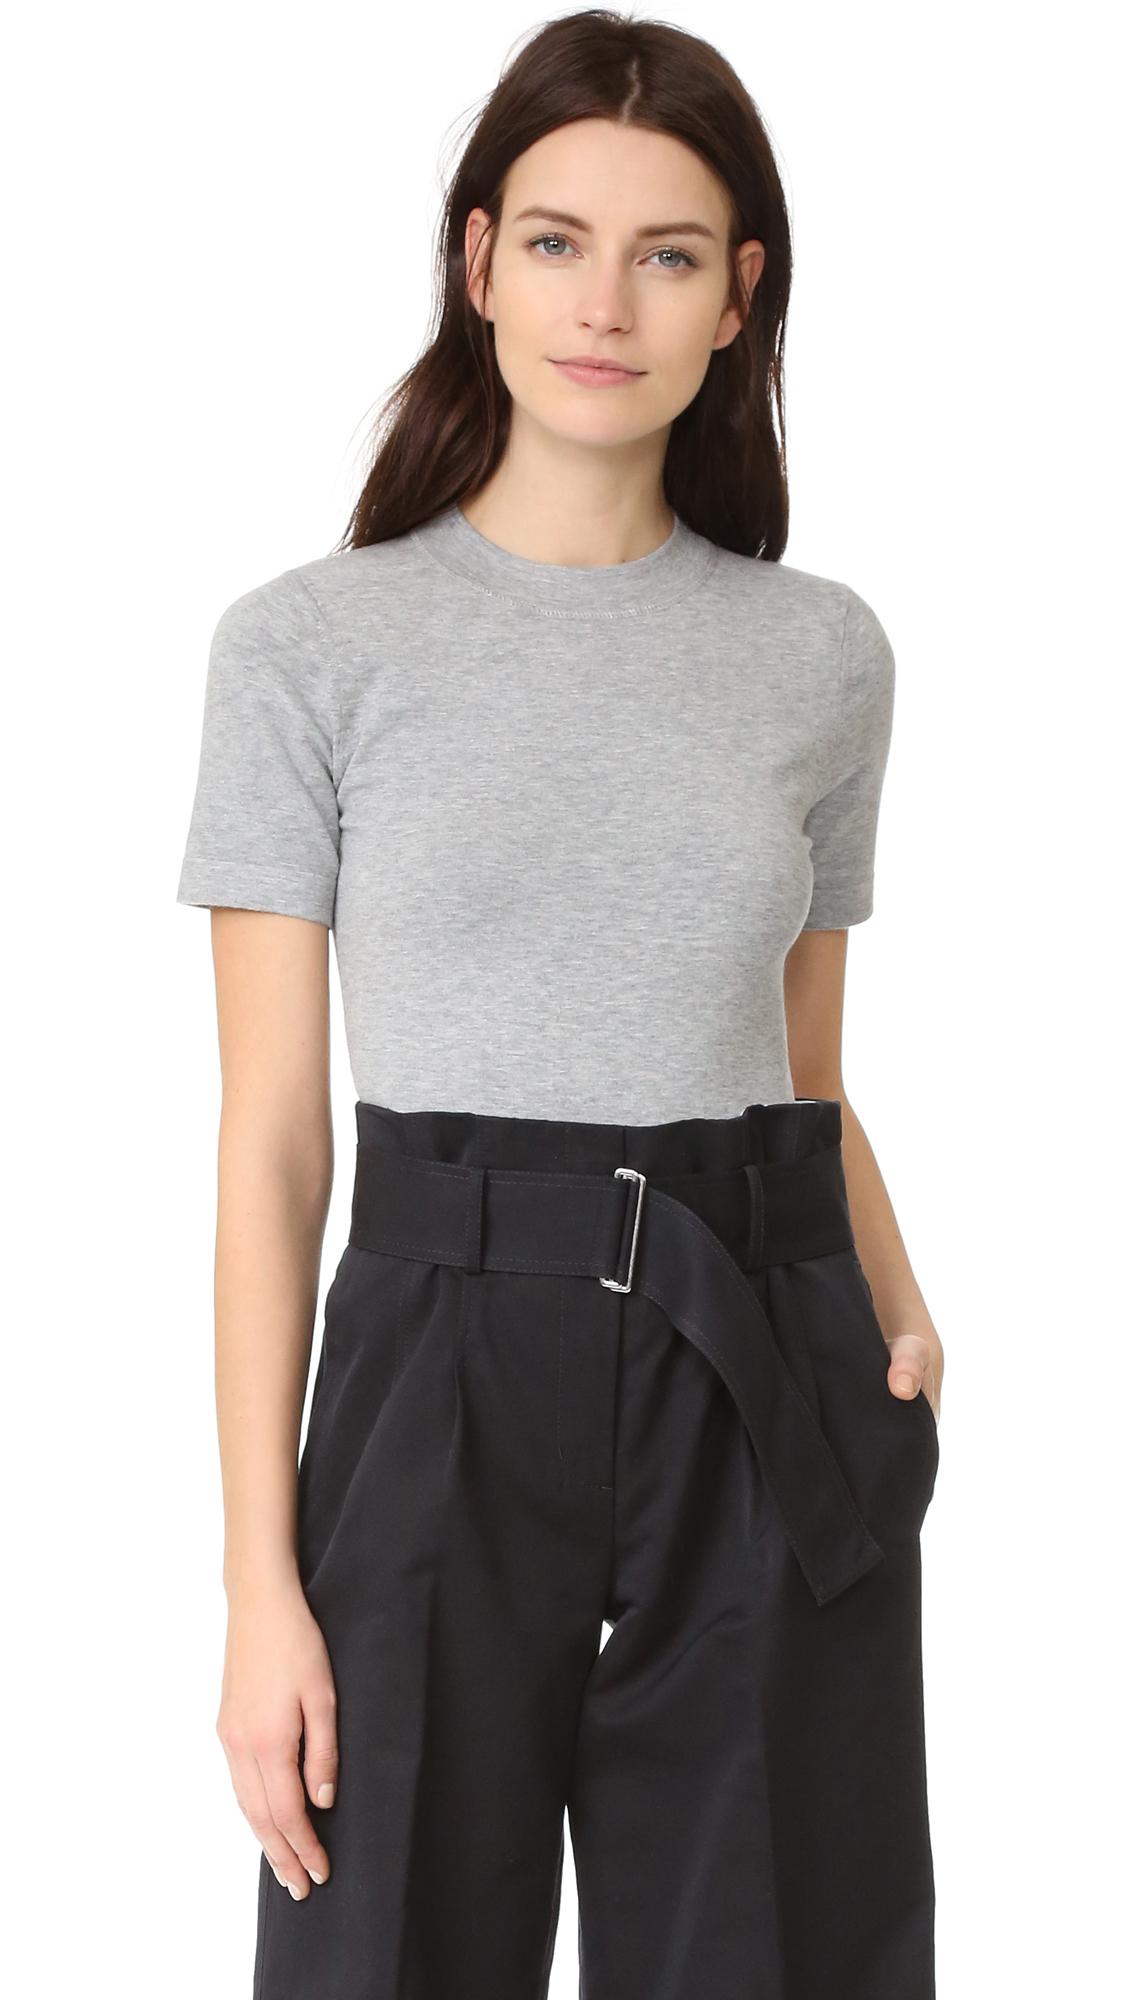 Dkny Short Sleeve Crew Neck Bodysuit - Heather Grey at Shopbop